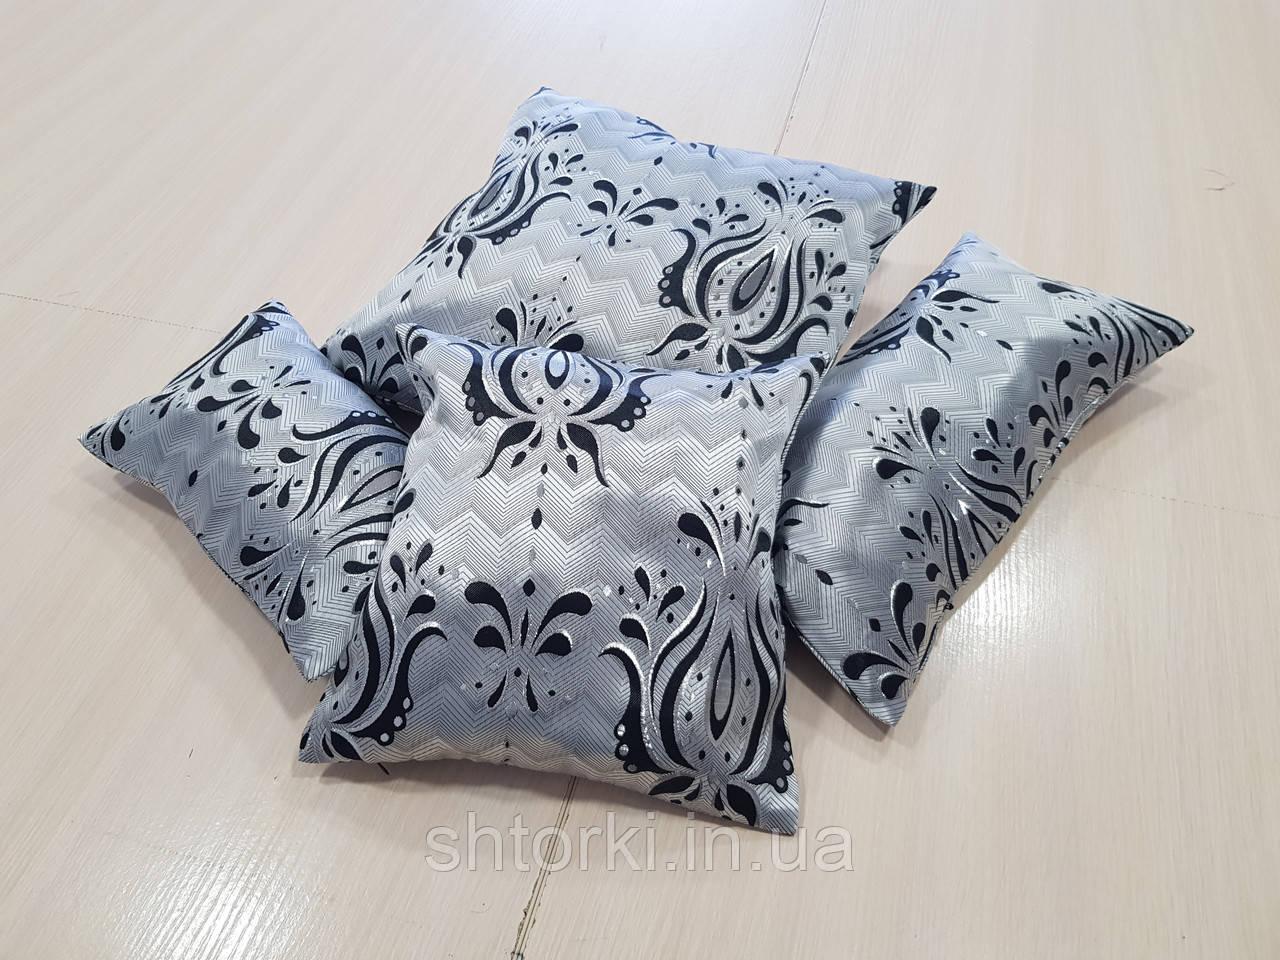 Комплект подушек серые с черным рисунком, 4шт